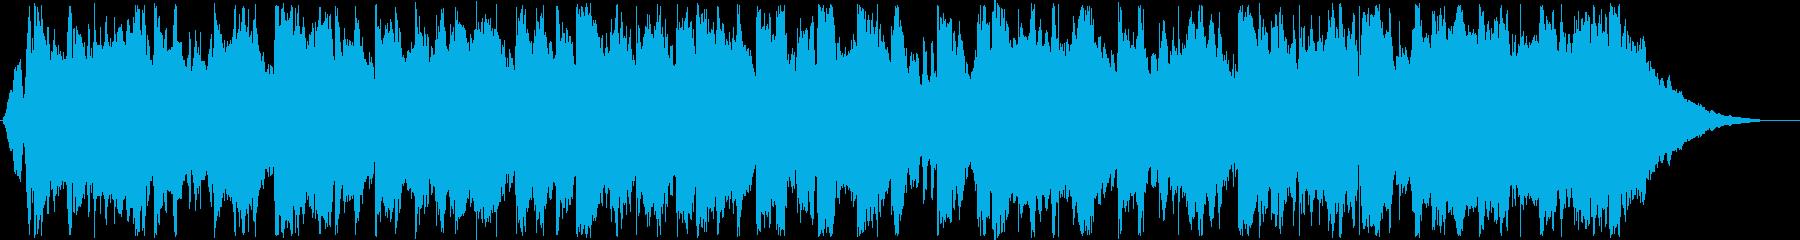 ハーモニカによるカントリーミュージックの再生済みの波形